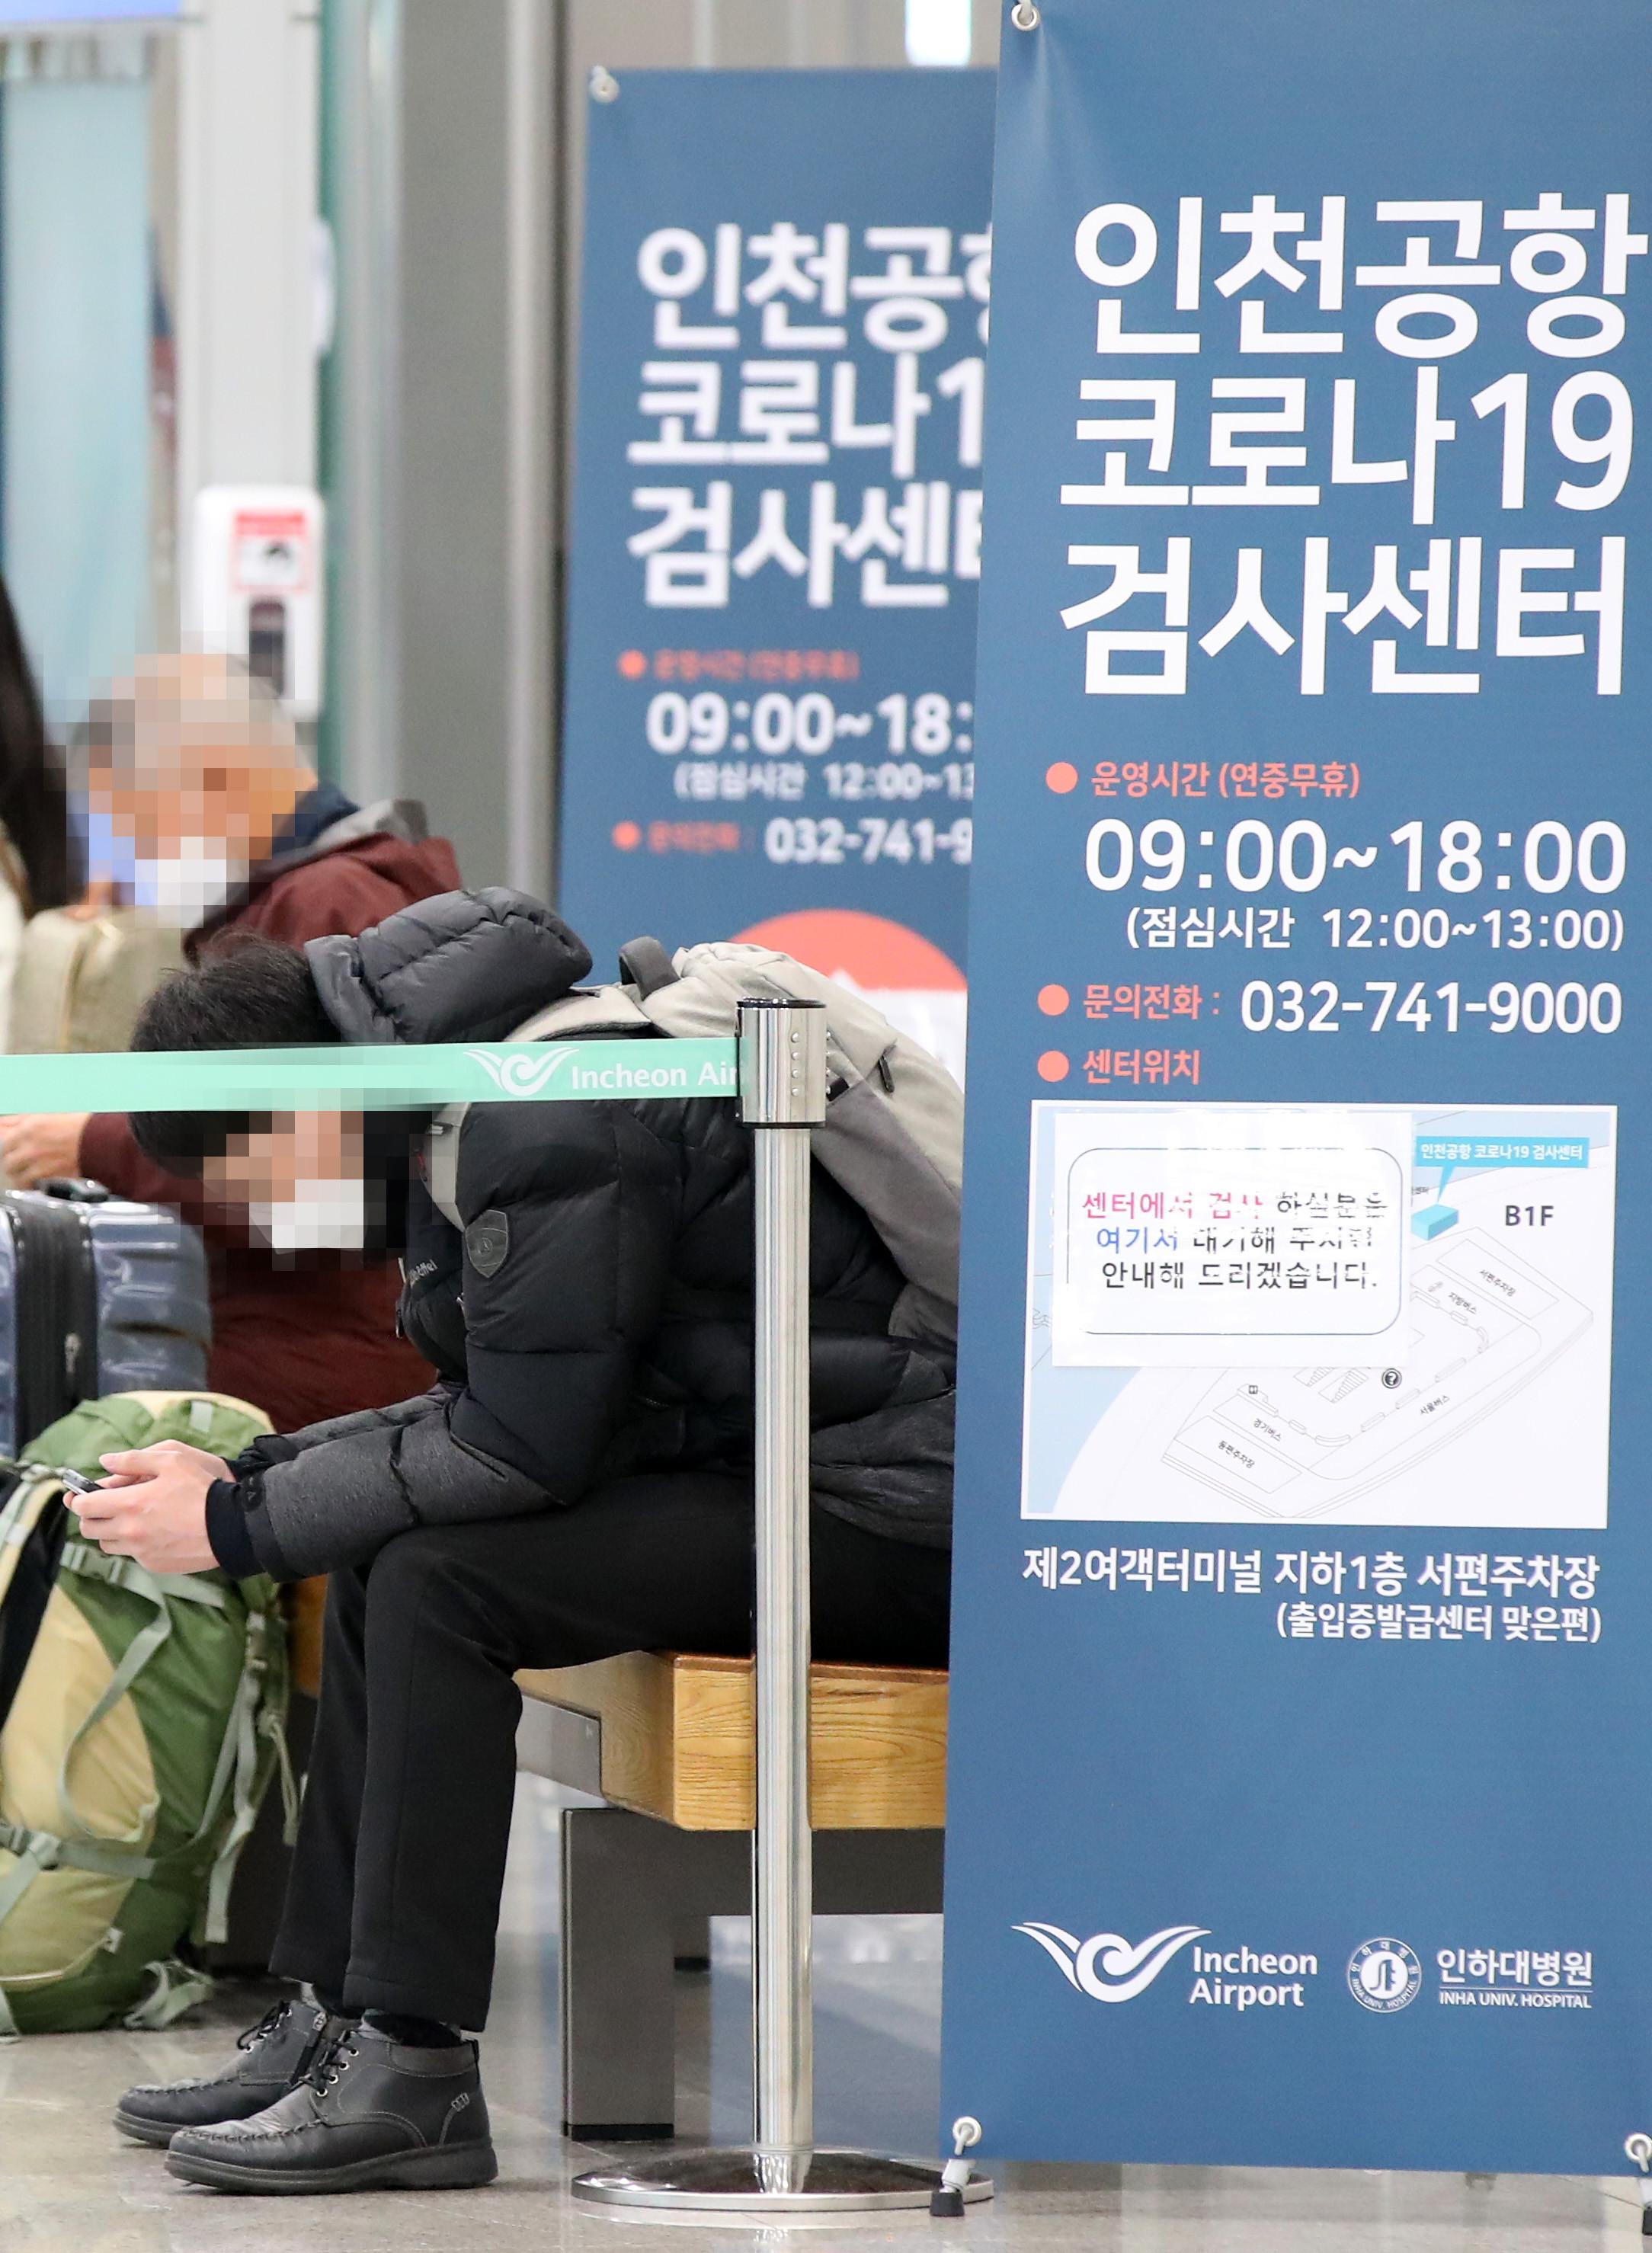 ▲▼仁川國際機場設有新冠臨時篩檢中心,所有前往美國的國內外旅客須檢附陰性證明書。(圖/達志影像)